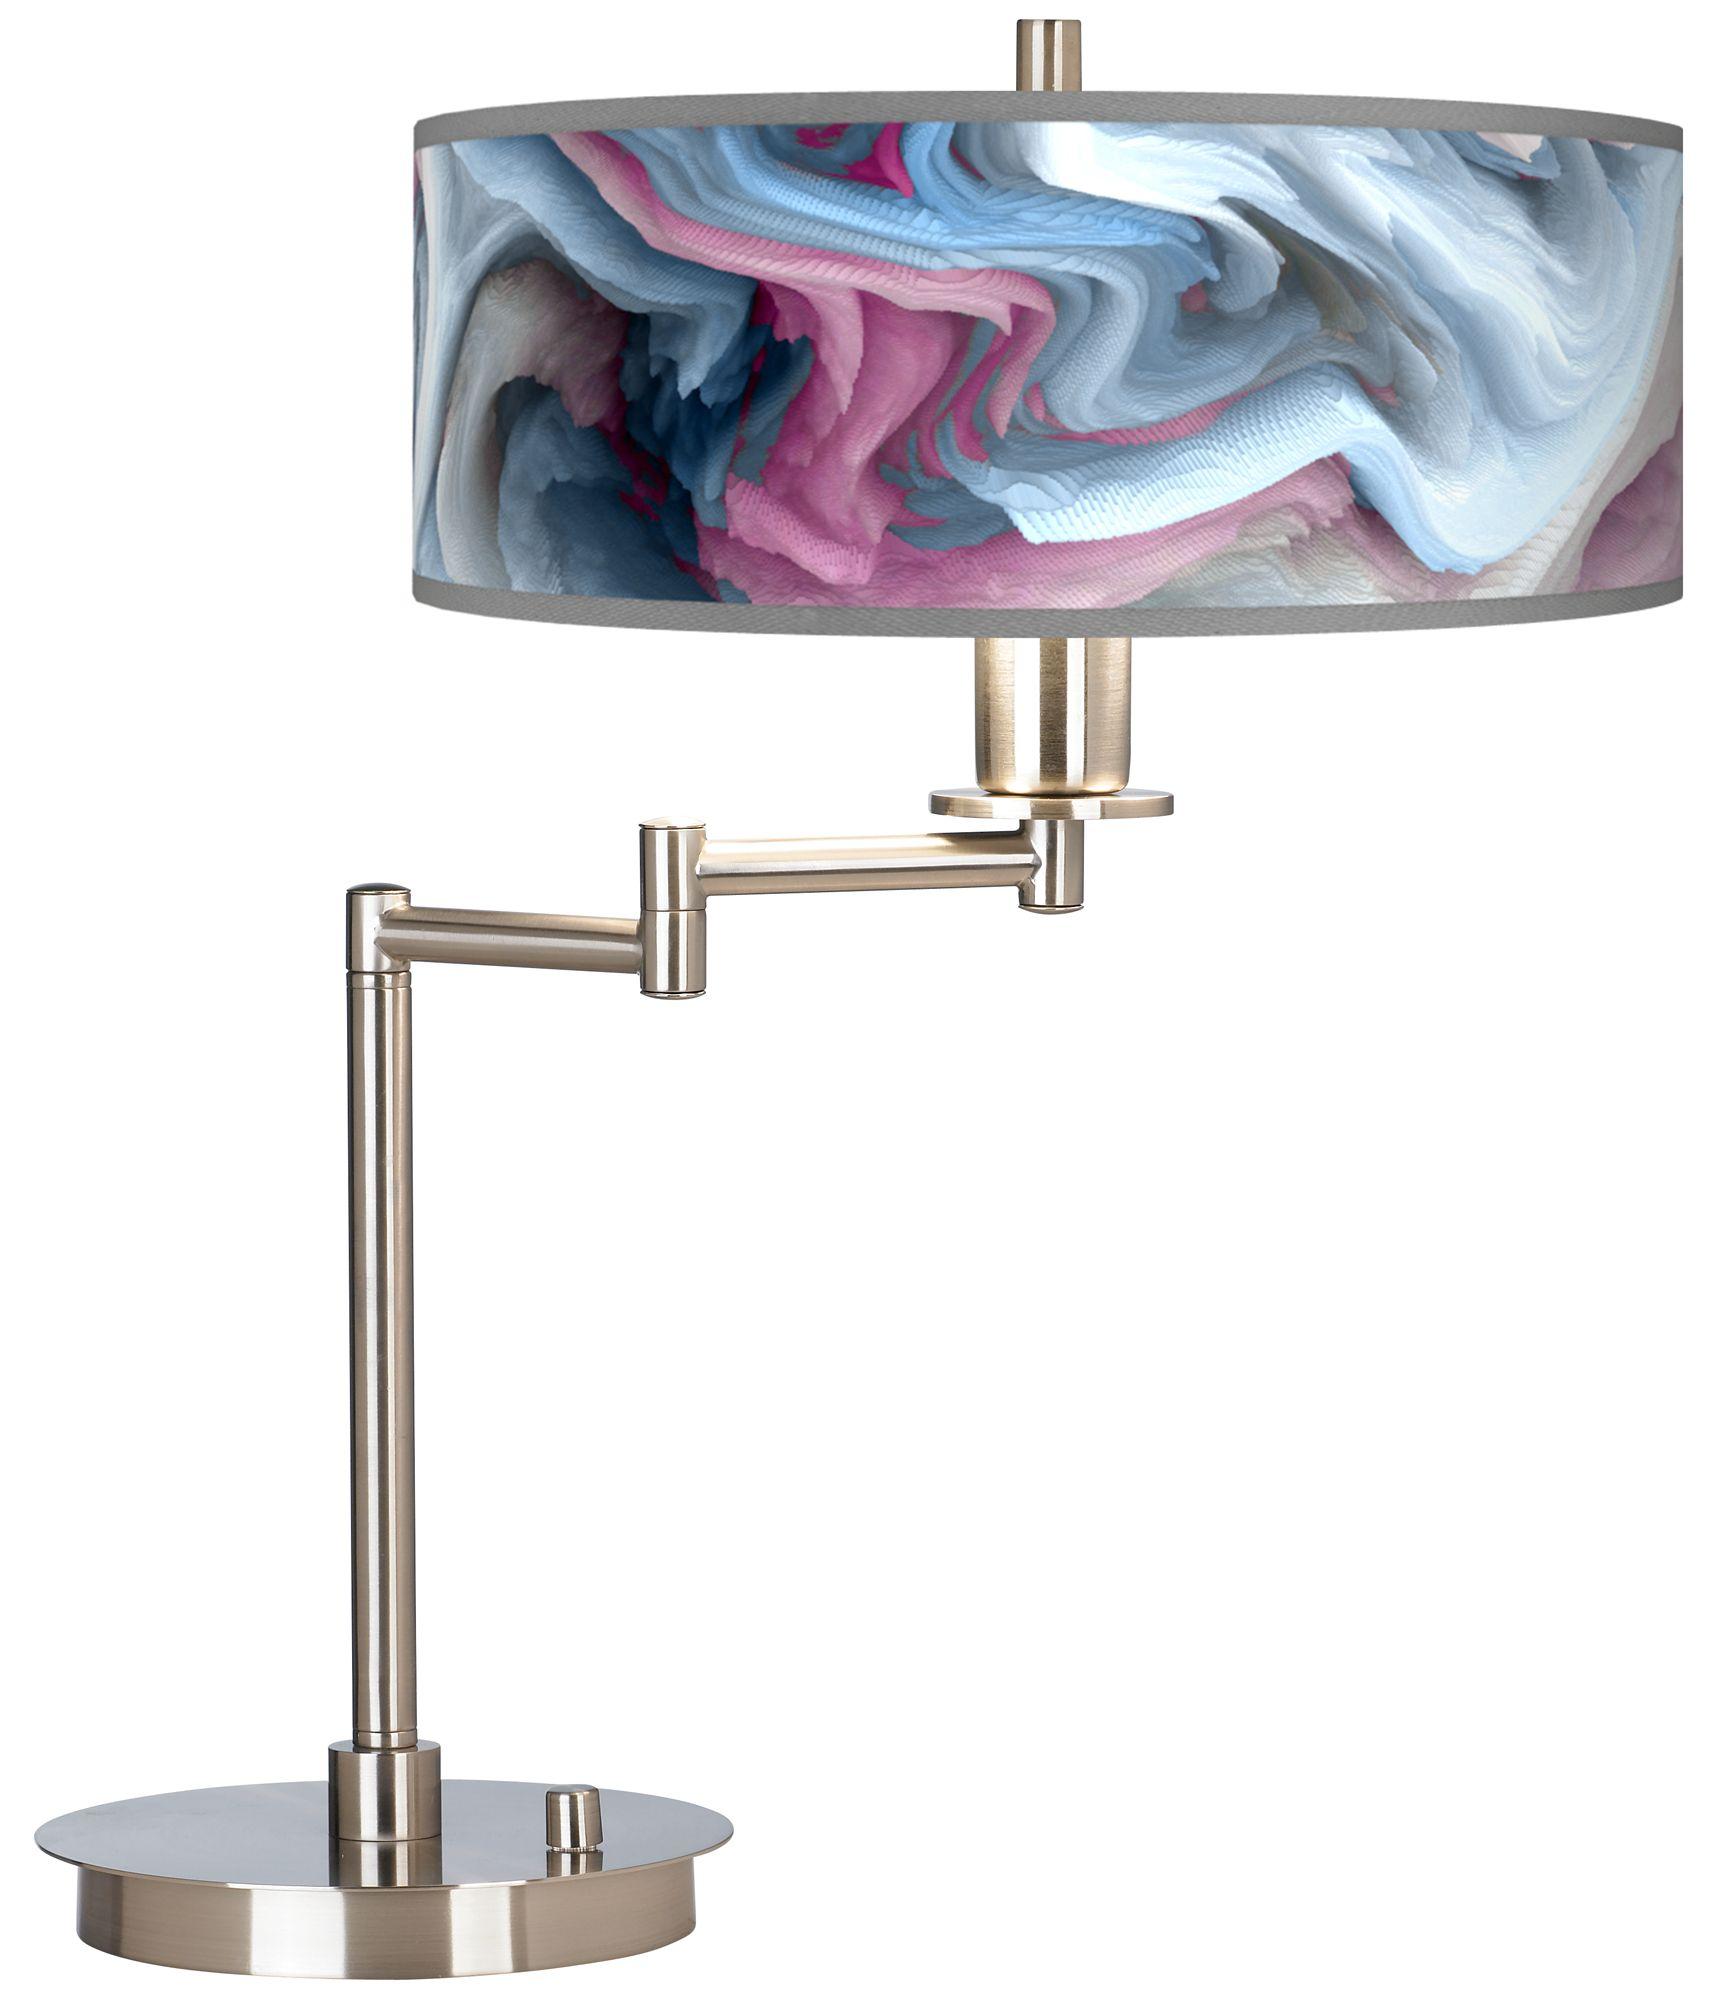 Europa Giclee CFL Swing Arm Desk Lamp